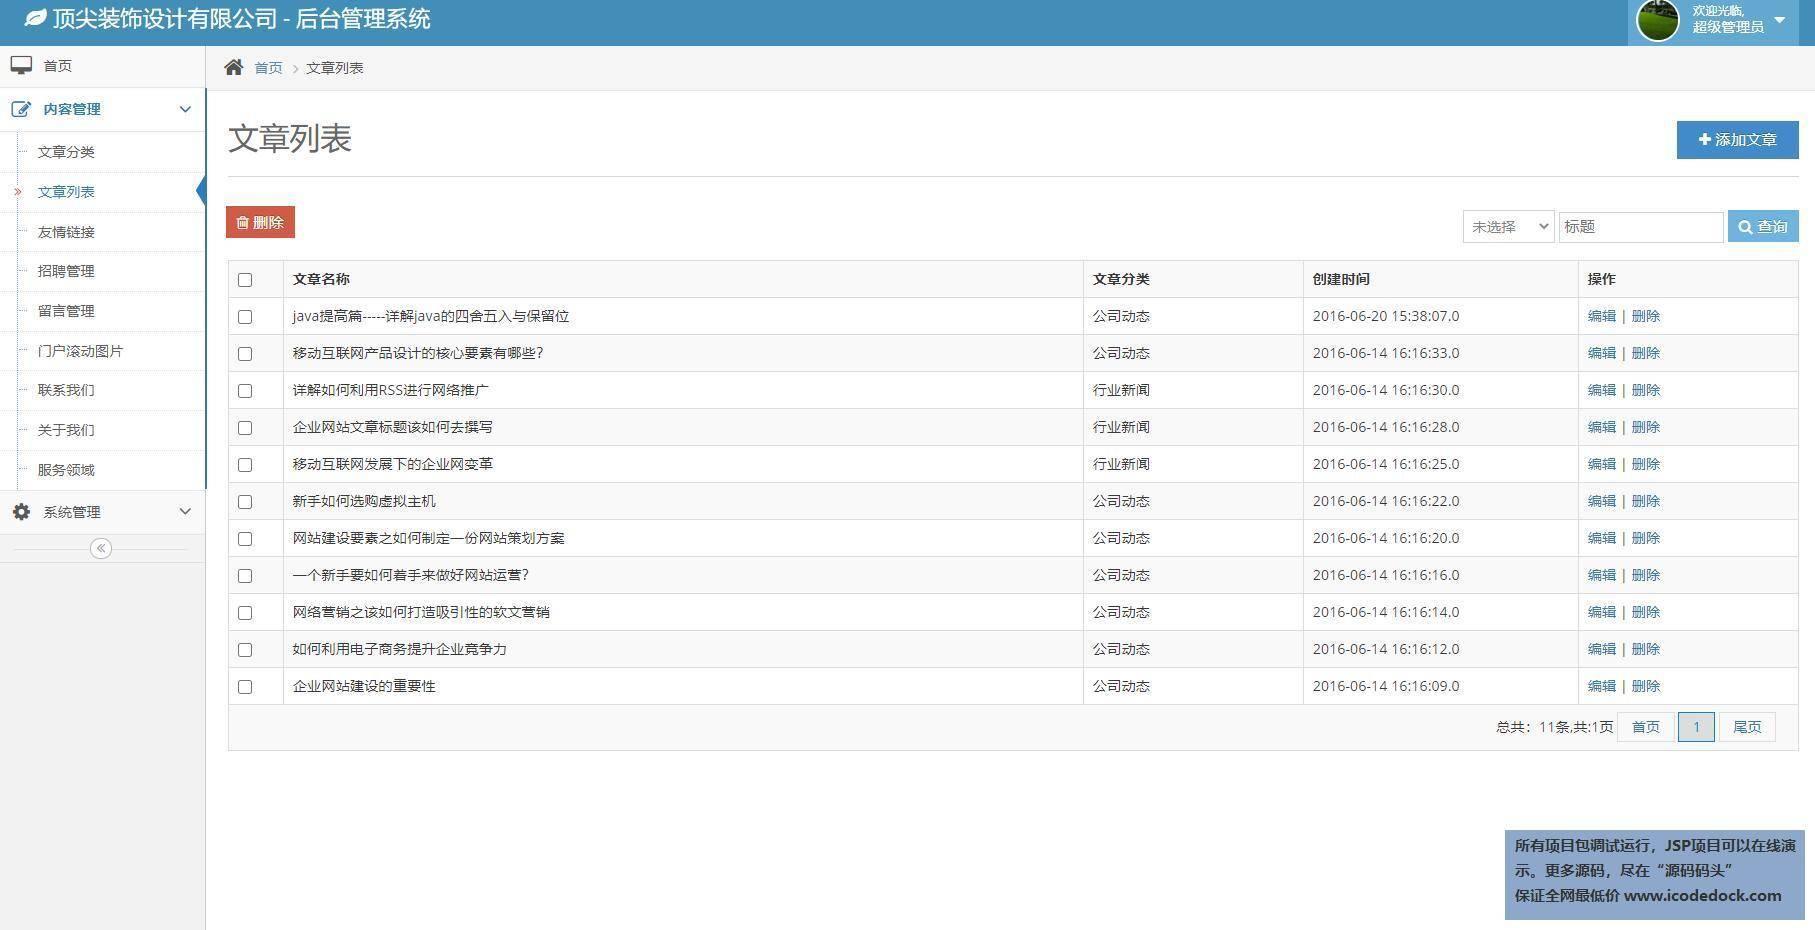 源码码头-SSM企业门户网站-管理员角色-文章列表管理